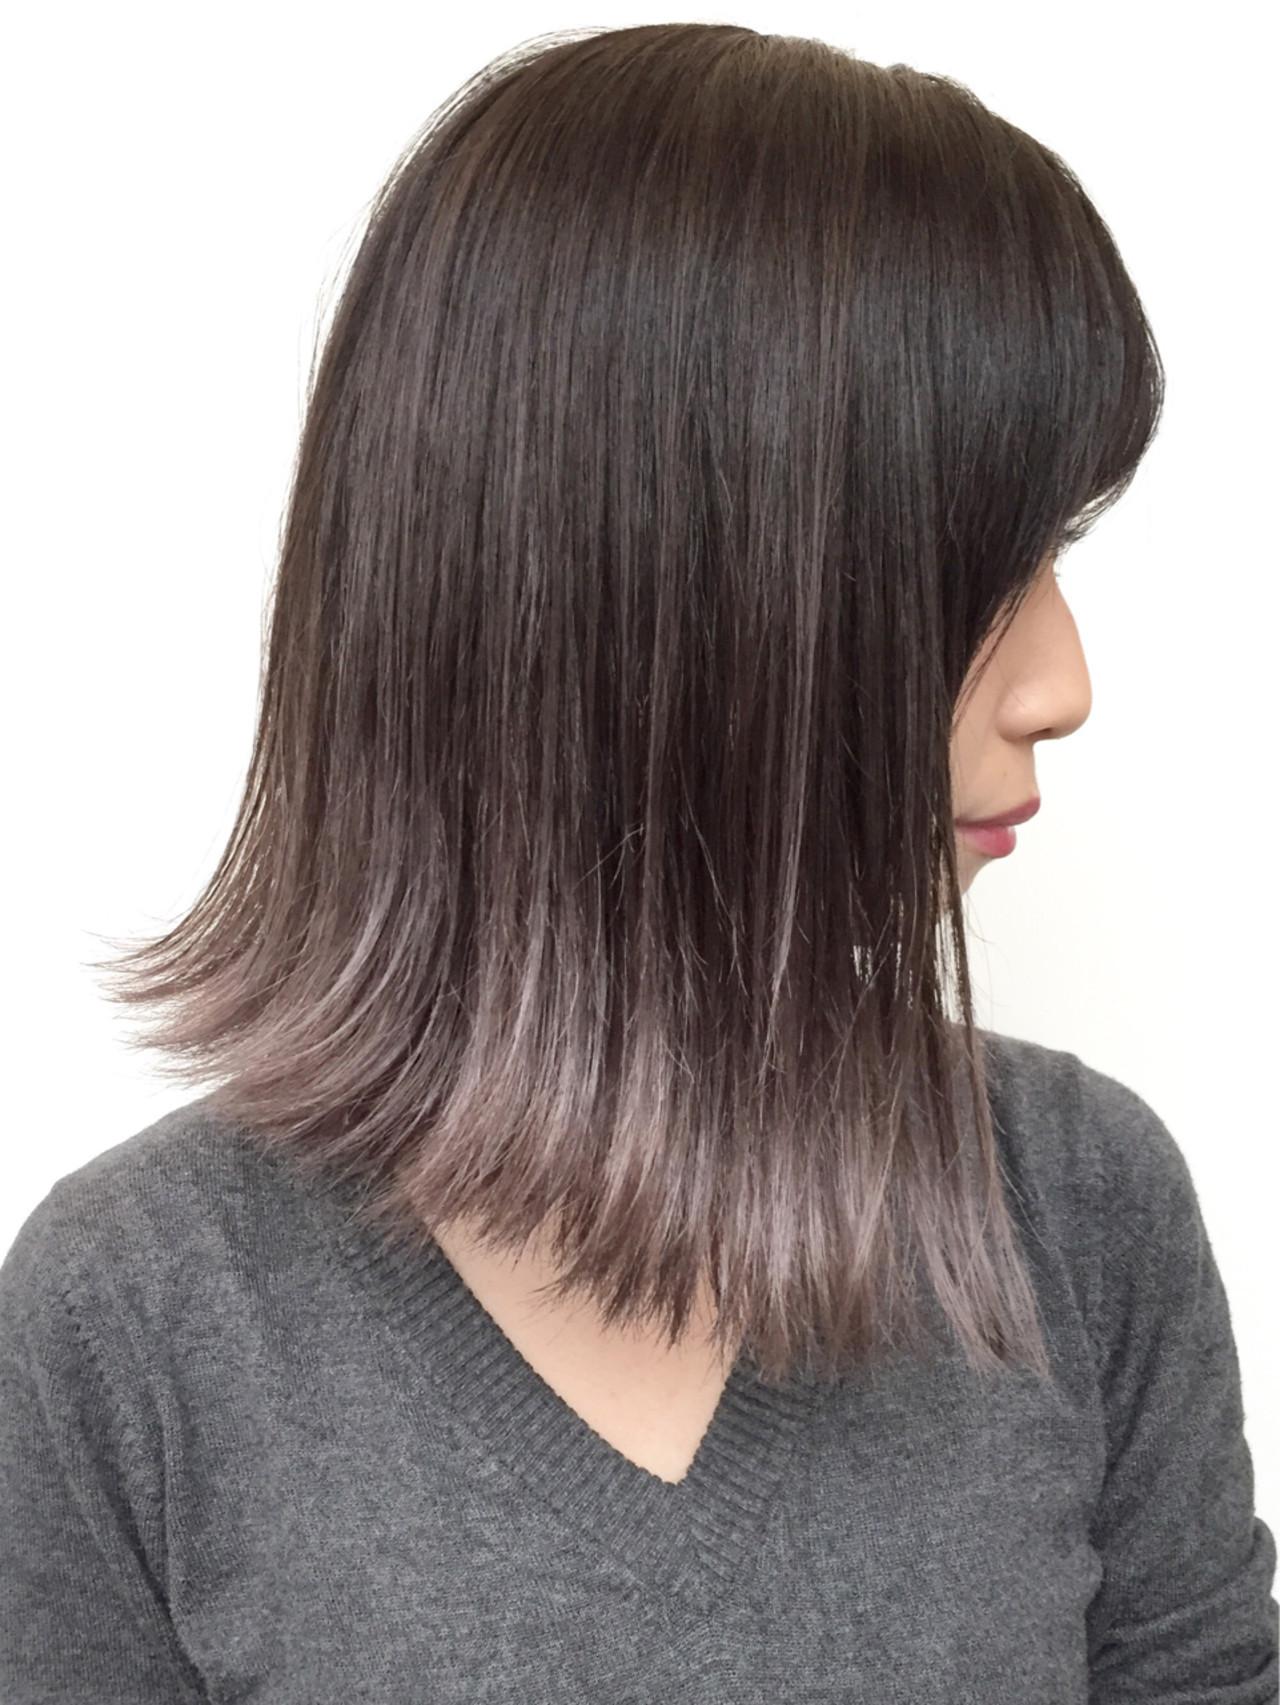 セクシー ミディアム 色気 ハイライト ヘアスタイルや髪型の写真・画像